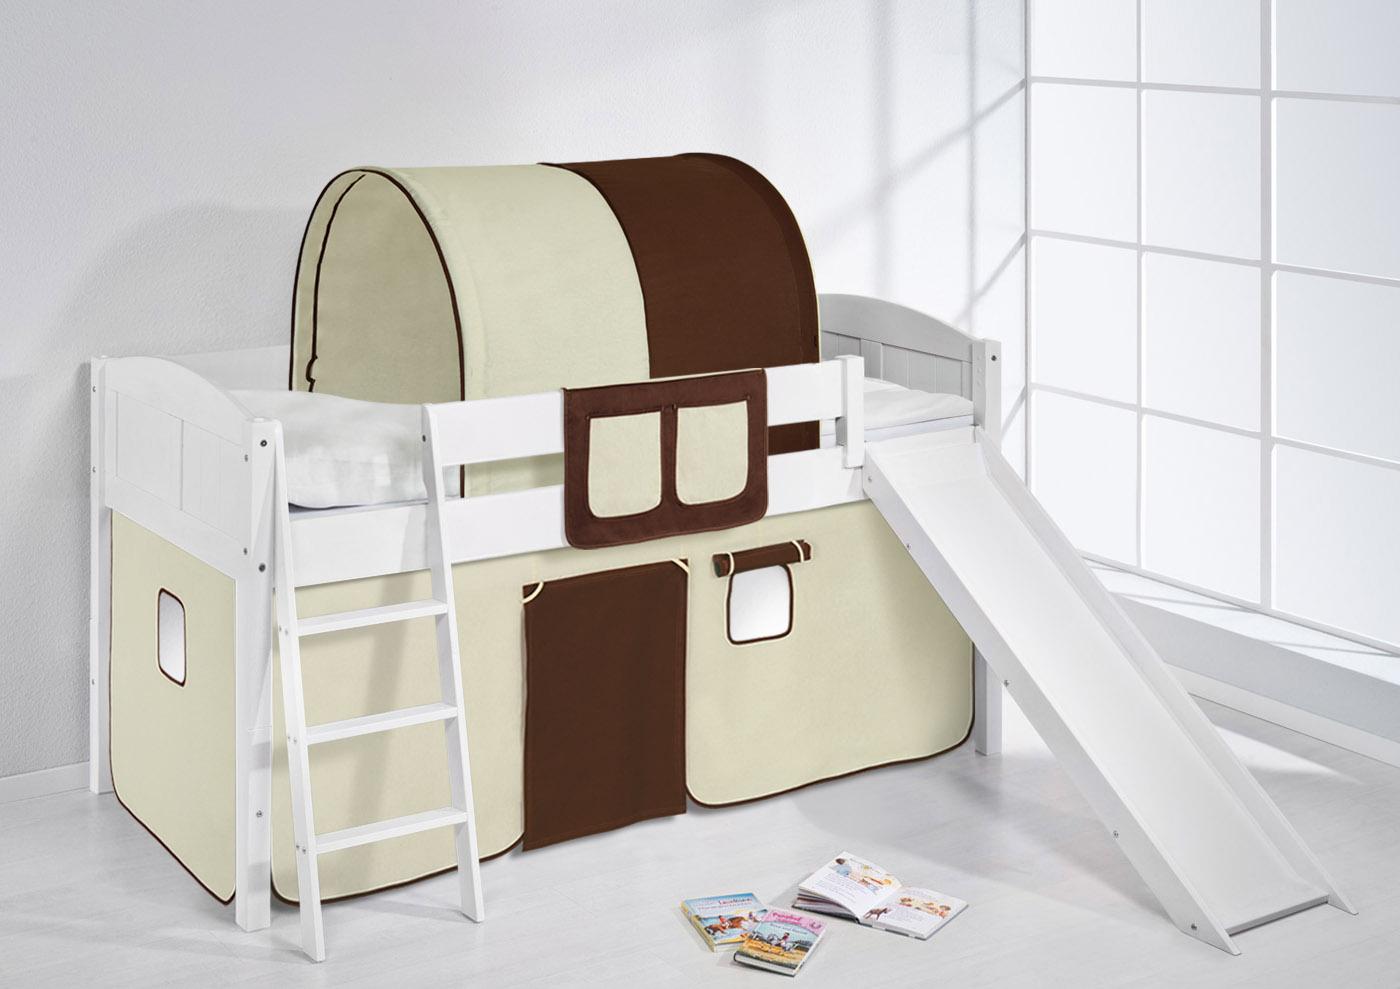 childrens cabin bed midsleeper with slide 4106 by lilokids. Black Bedroom Furniture Sets. Home Design Ideas